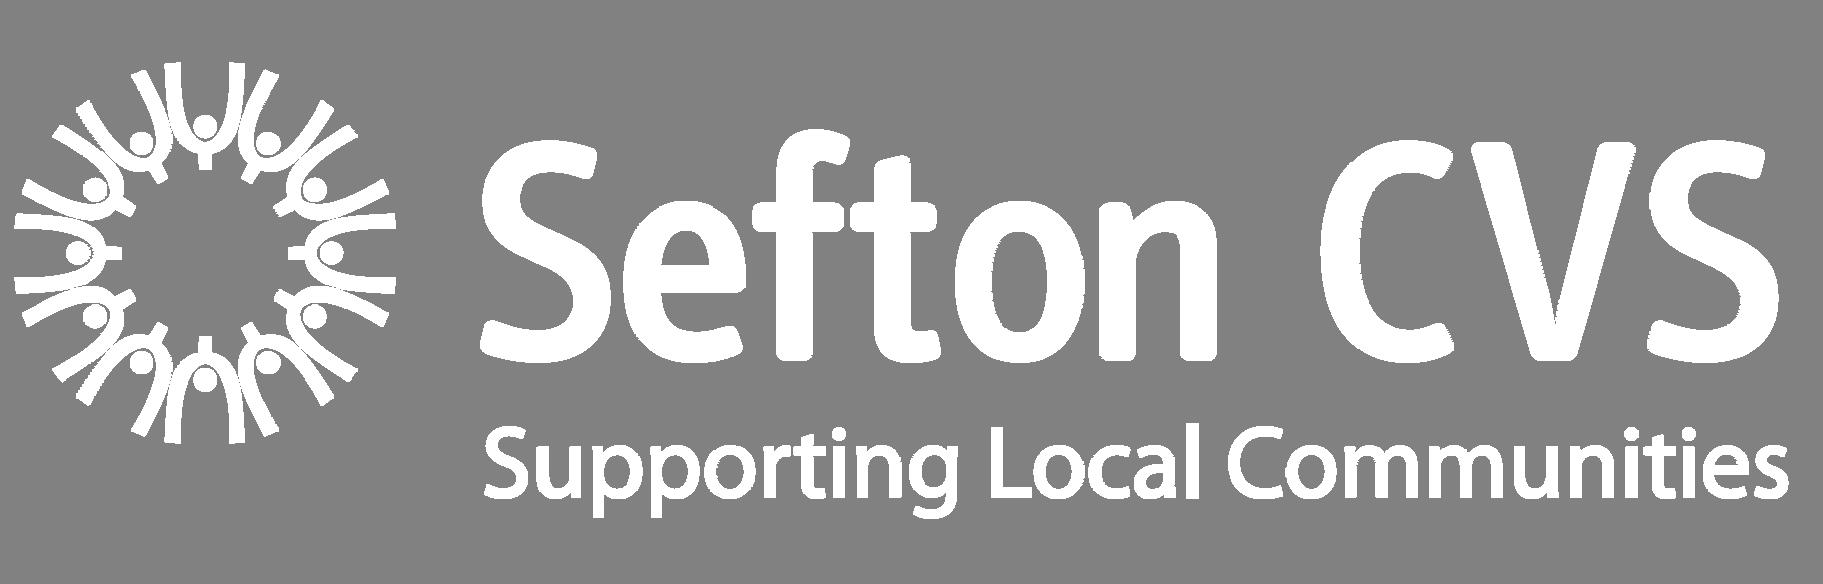 Sefton CVS